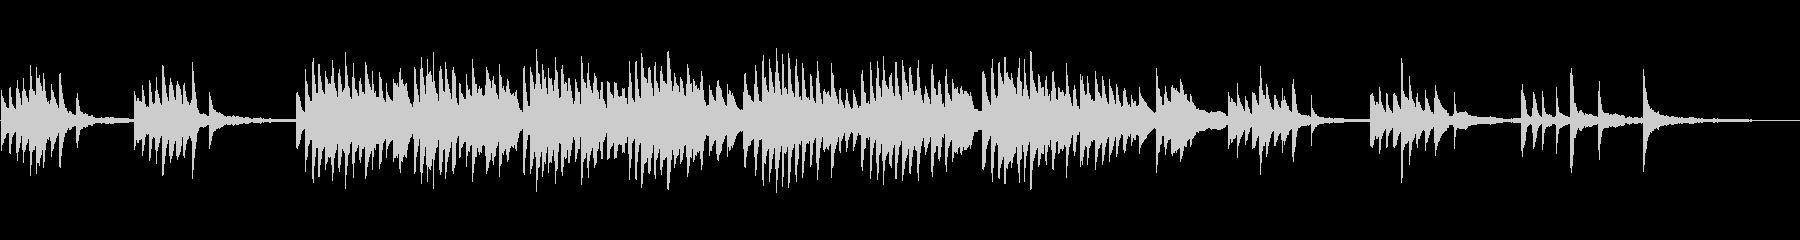 切ないファンタジー系のピアノソロ曲の未再生の波形